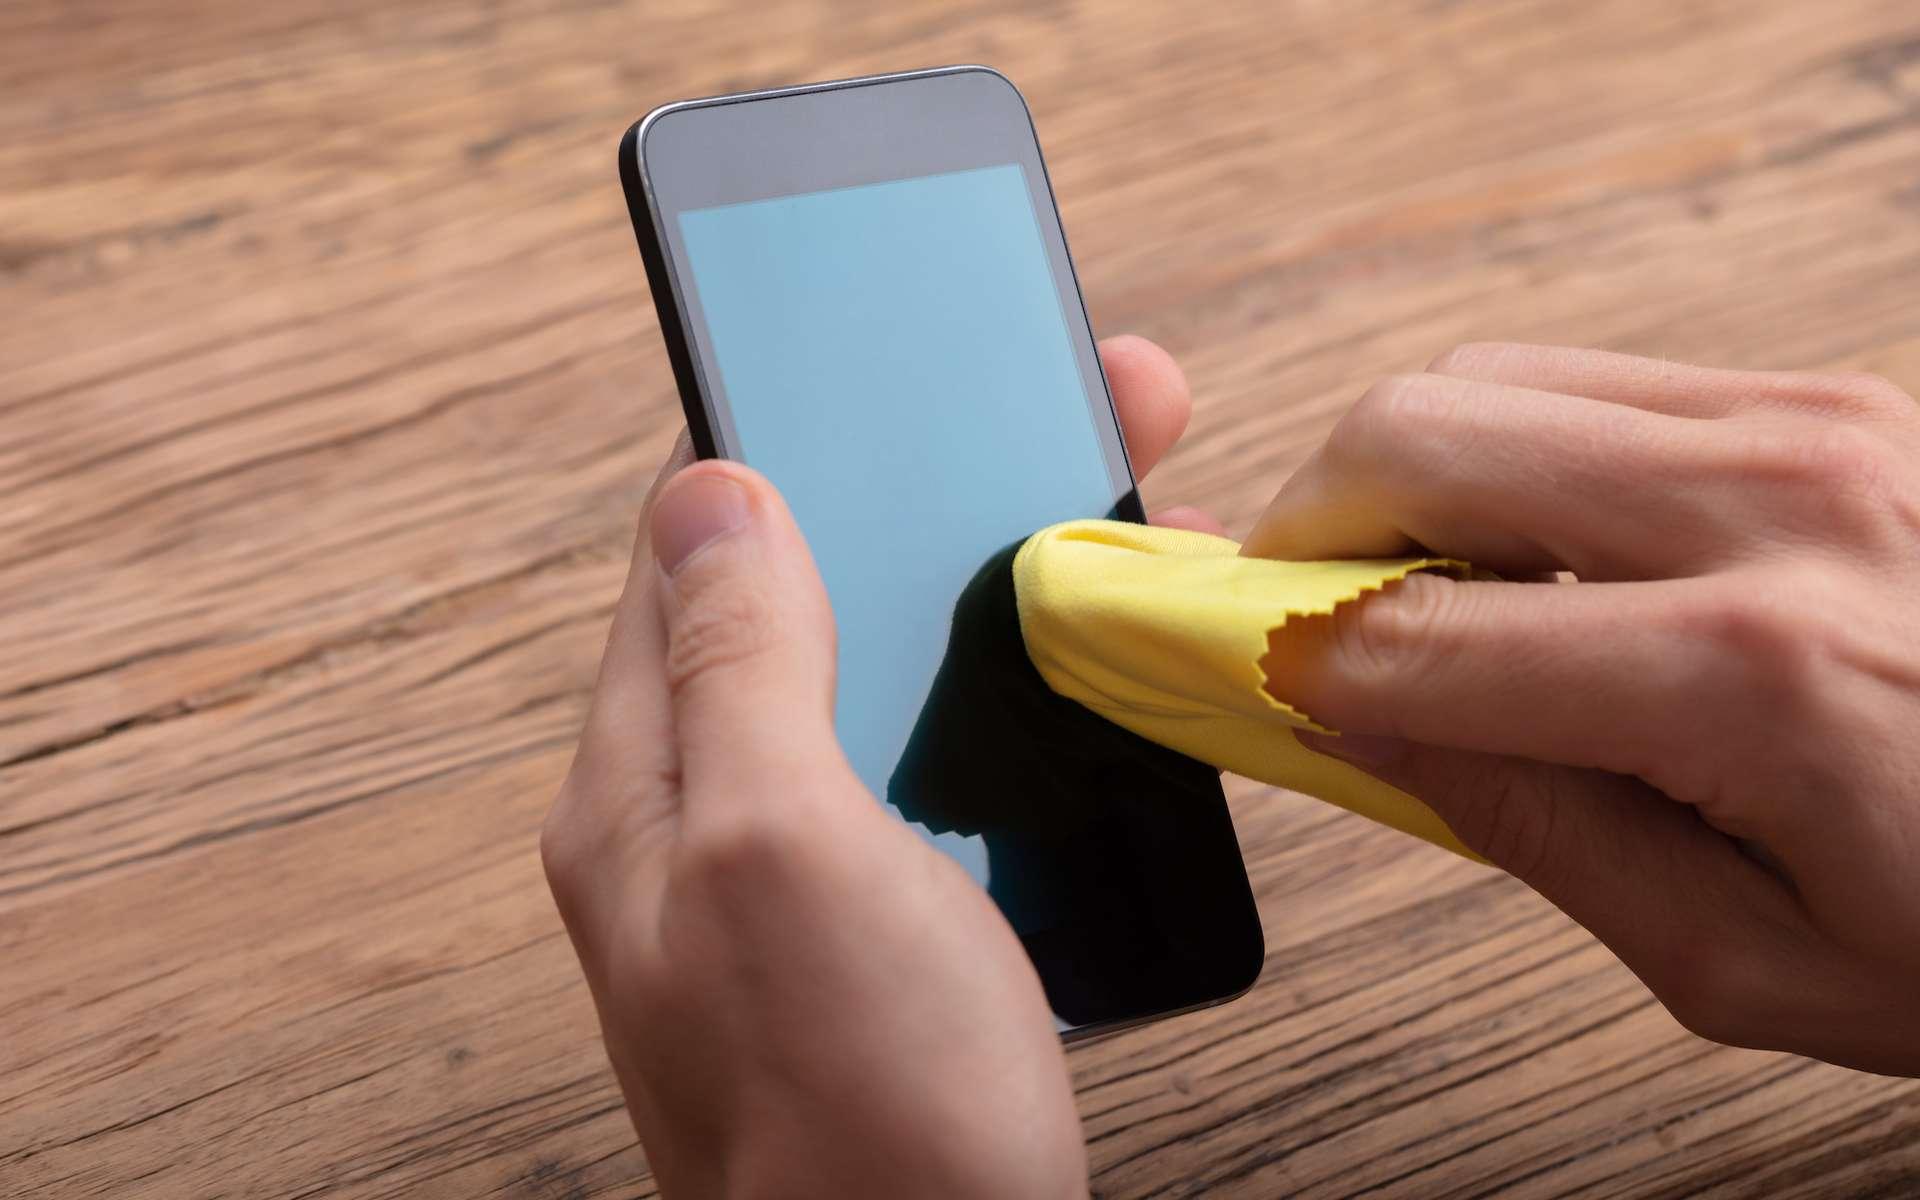 L'écran du téléphone doit être nettoyé avec un chiffon doux non pelucheux. © Andrey Popov, Adobe Stock